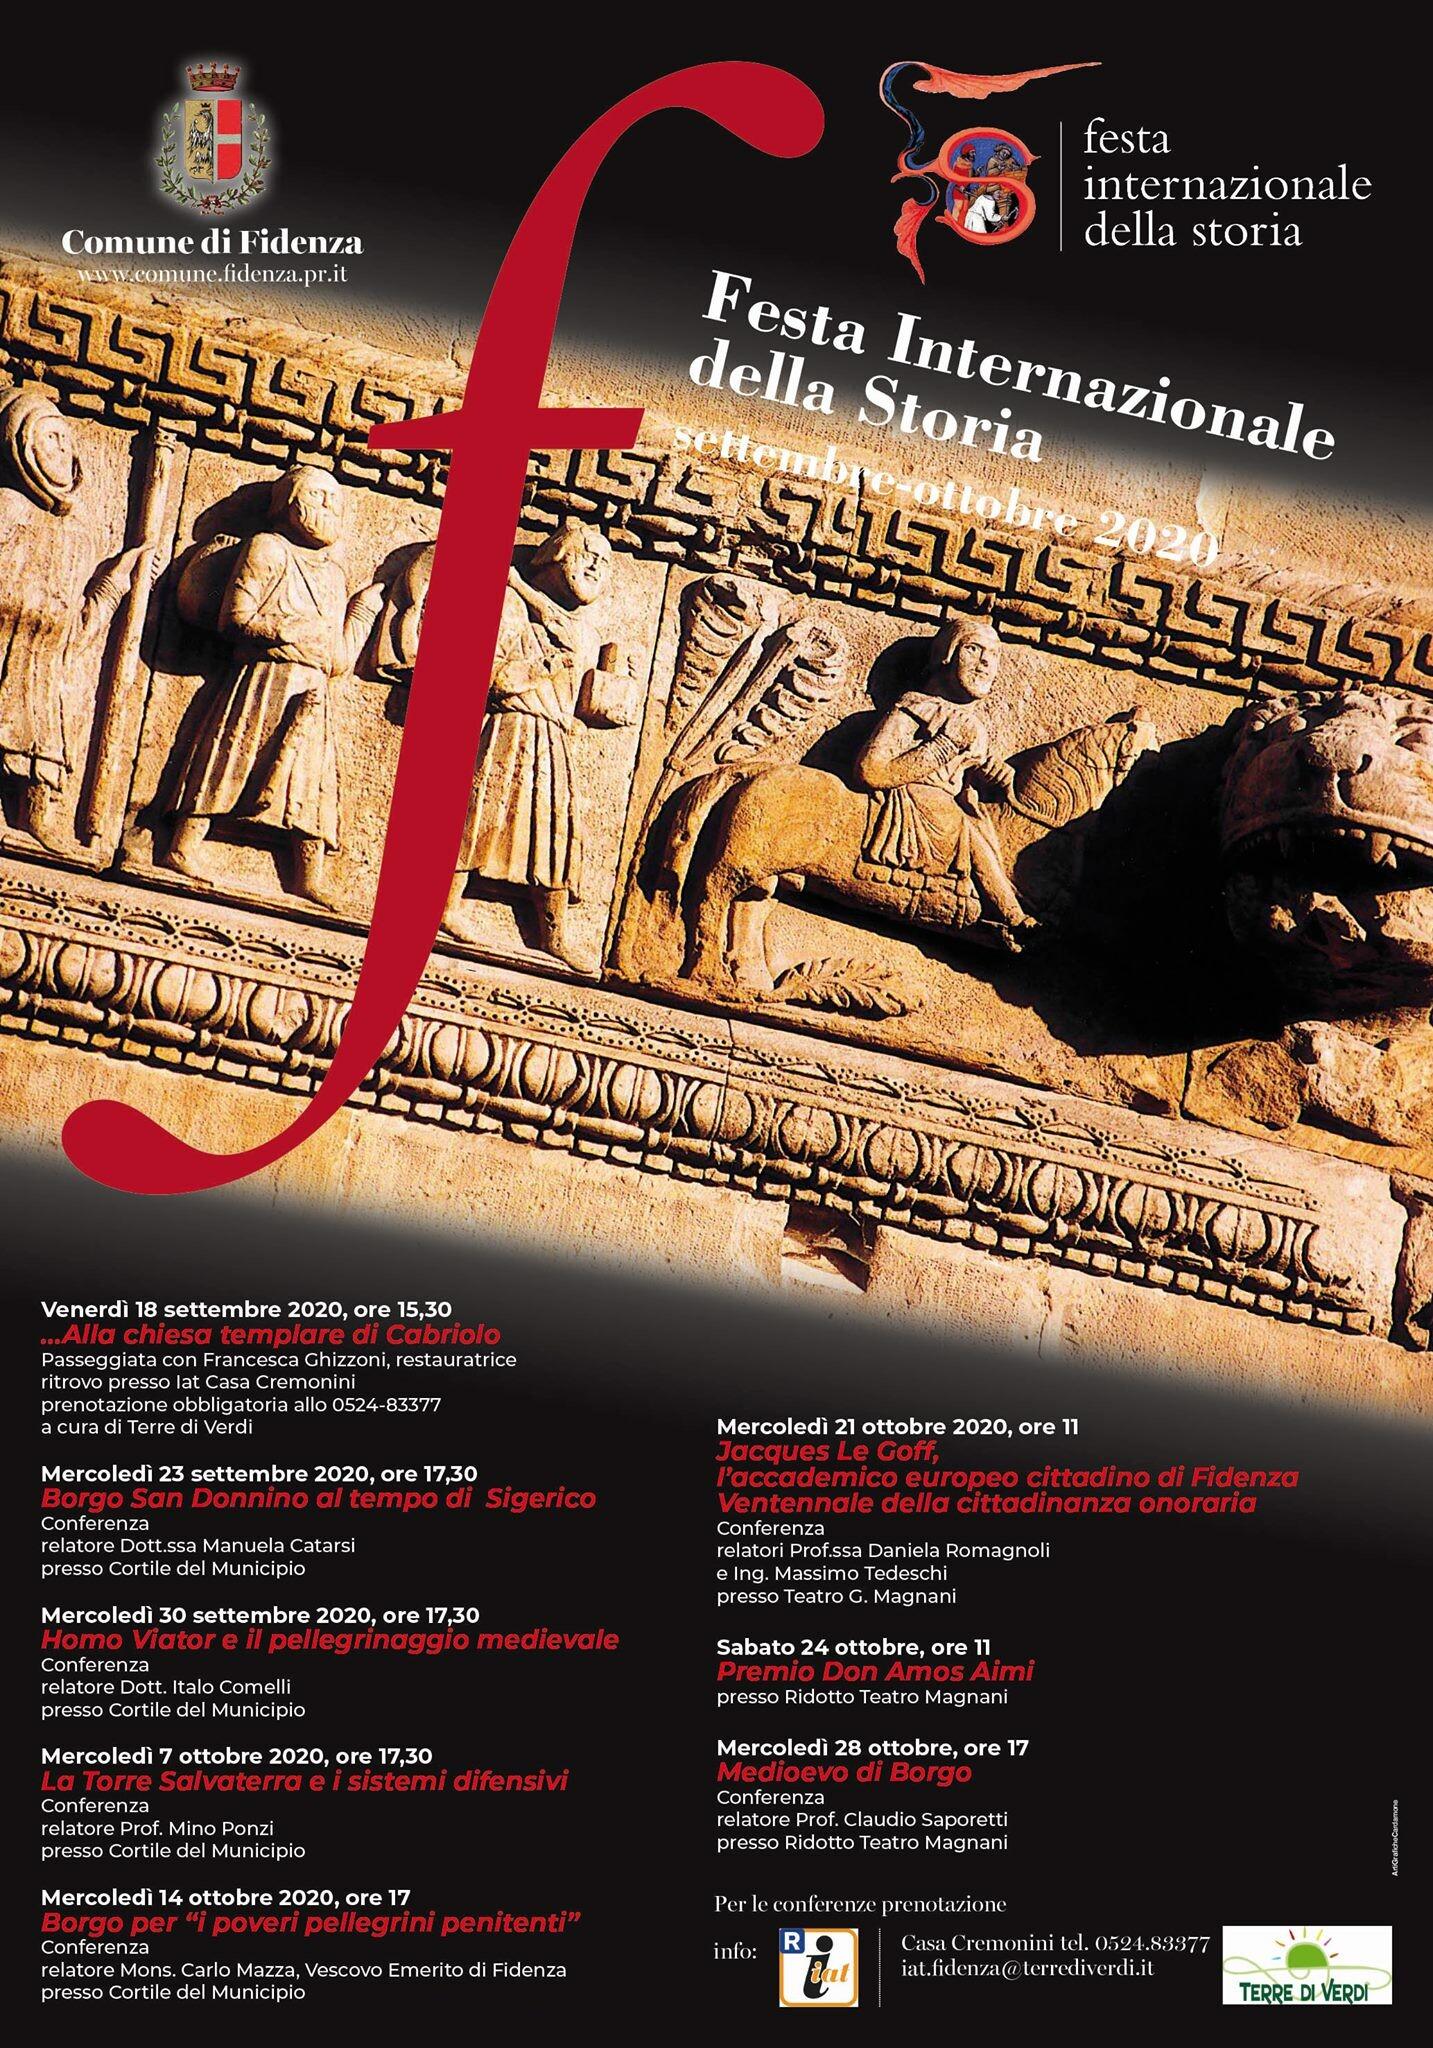 Anche Fidenza partecipa alla Festa Internazionale della Storia 2020